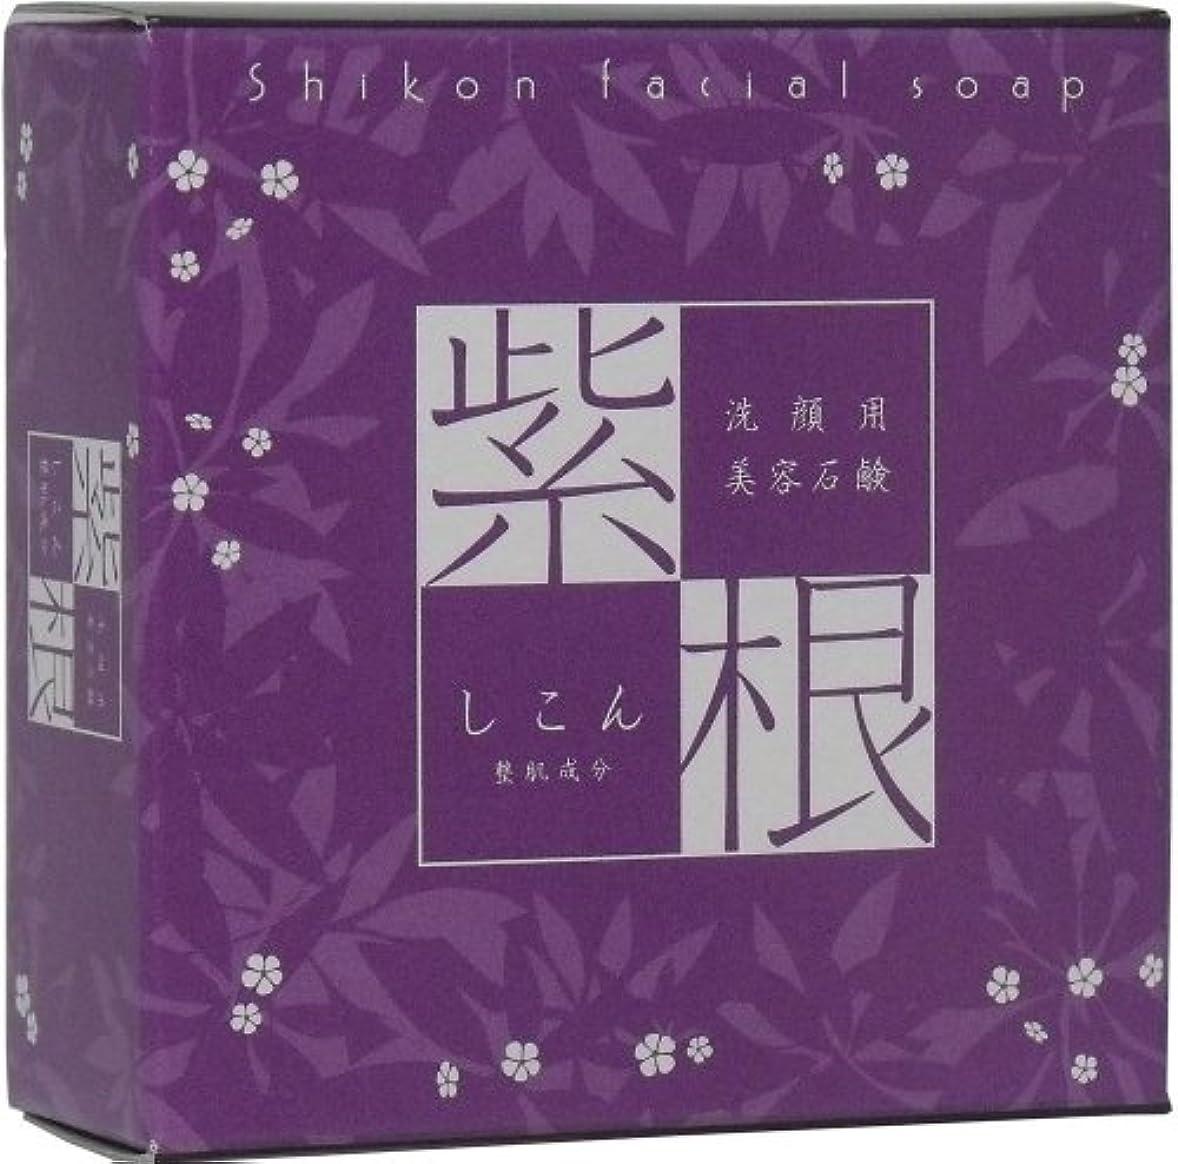 入場料手錠意図する洗顔用 紫根石けん (泡立てネット付き) 100g (商品内訳:単品1個)